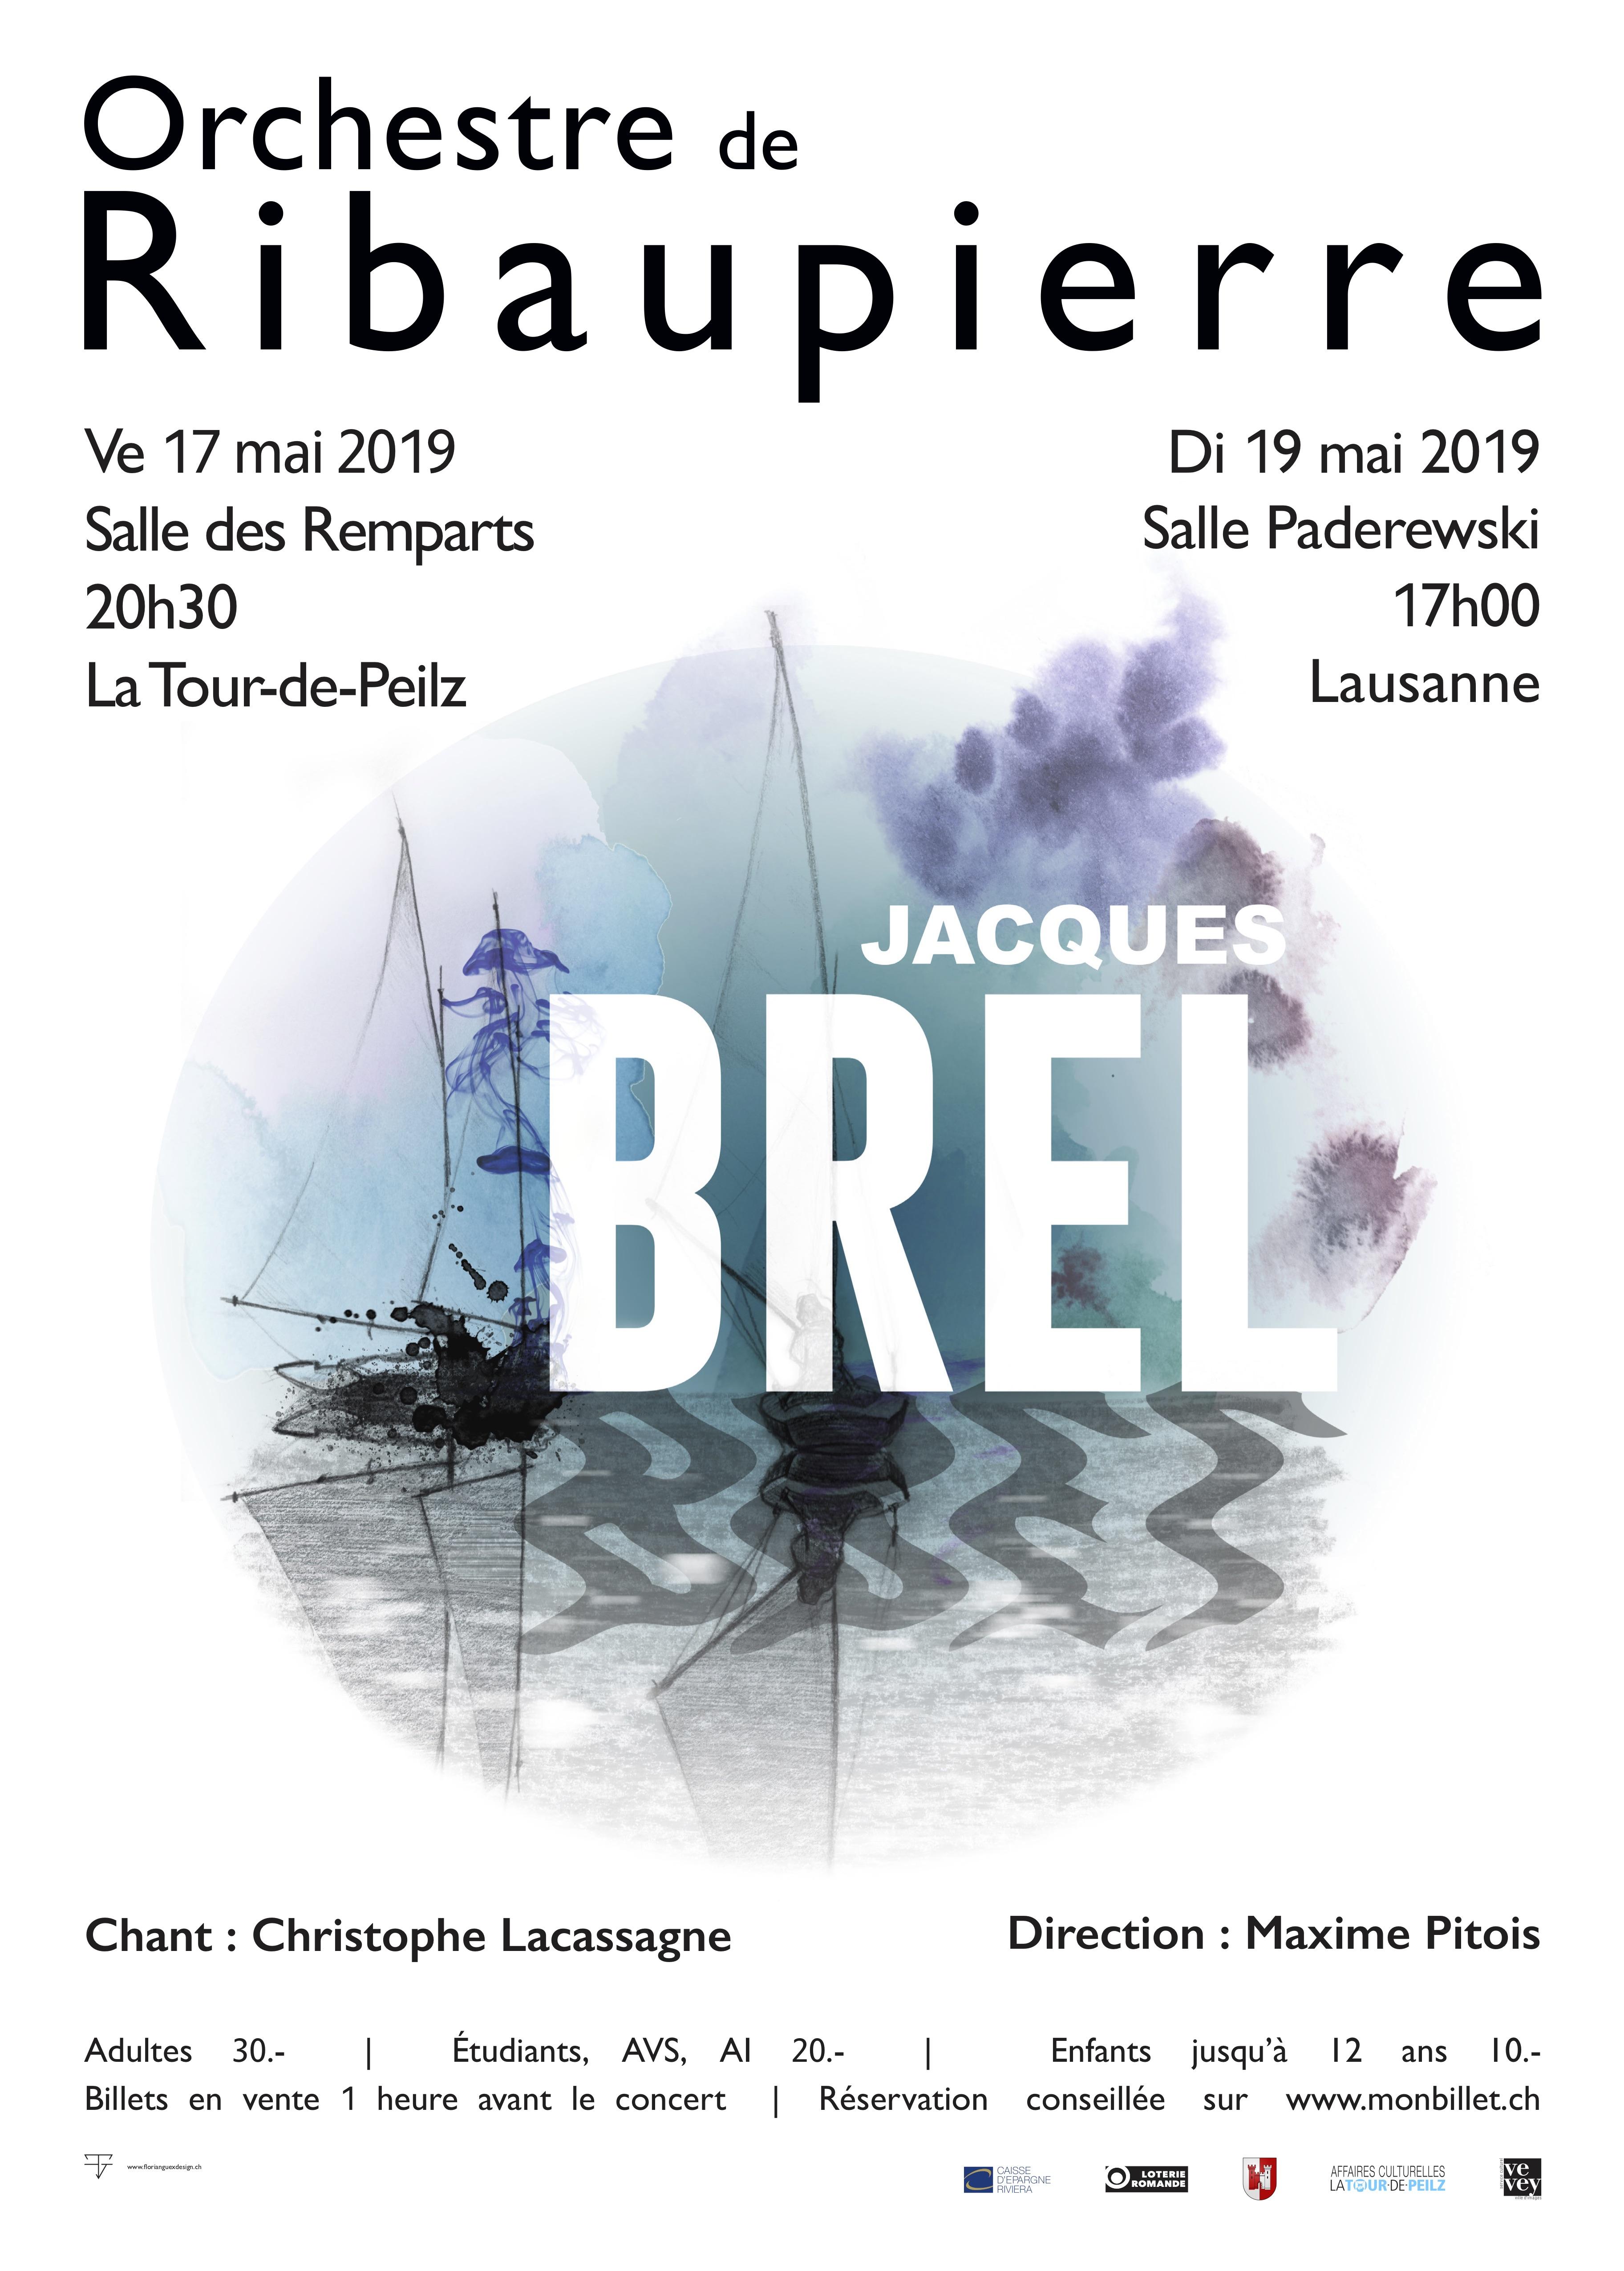 Orchestre de Ribaupierre - Jacques Brel